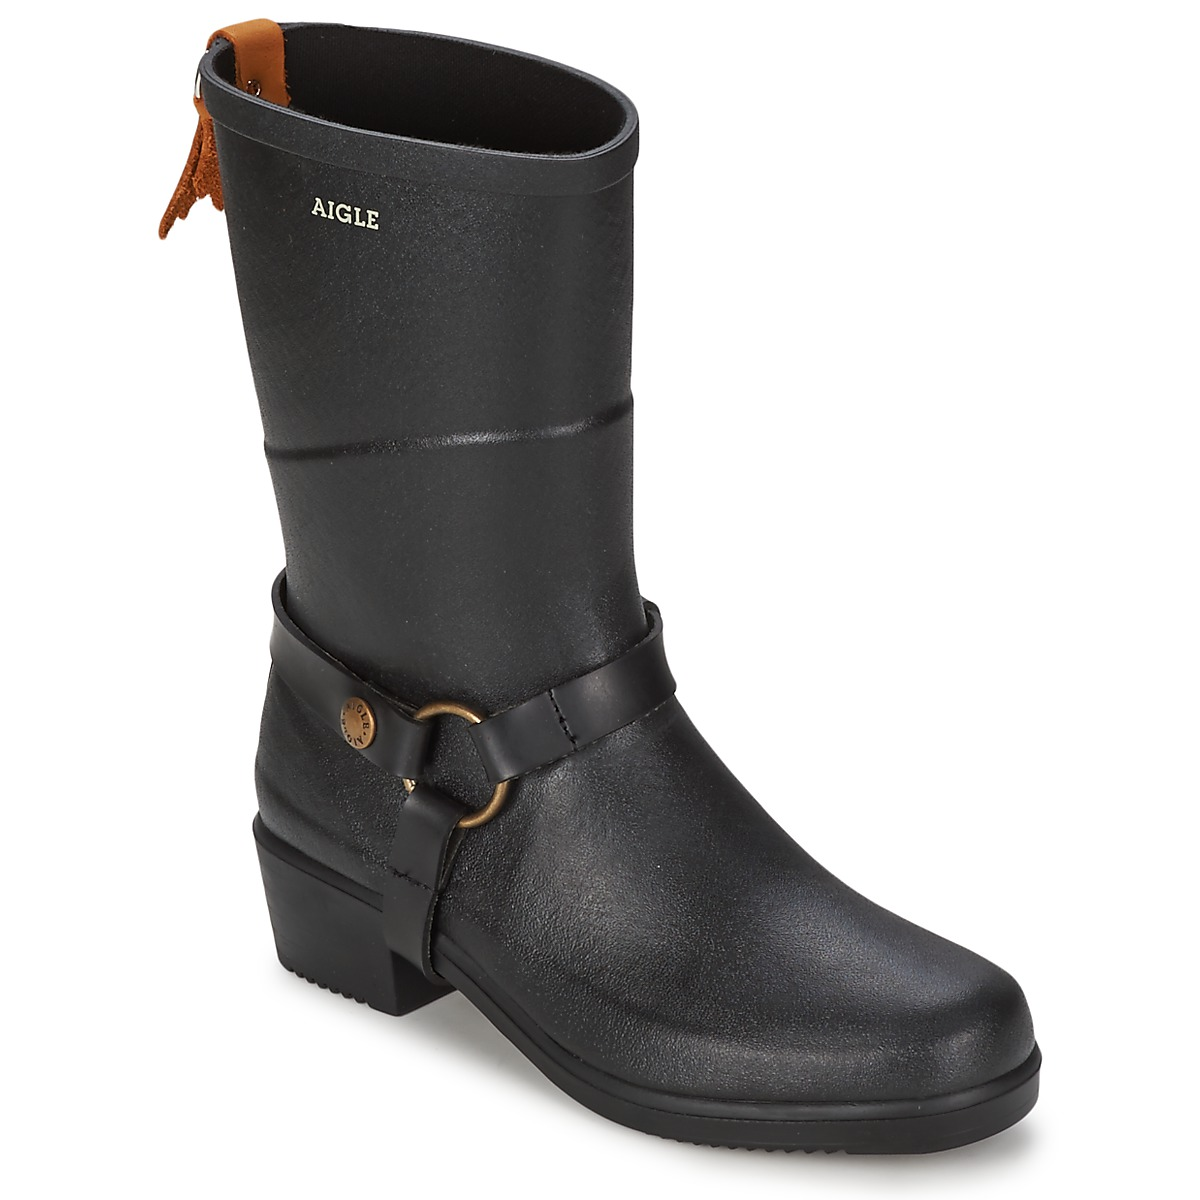 bottes de pluie aigle miss julie noir bottes de pluie femme spartoo ventes pas. Black Bedroom Furniture Sets. Home Design Ideas